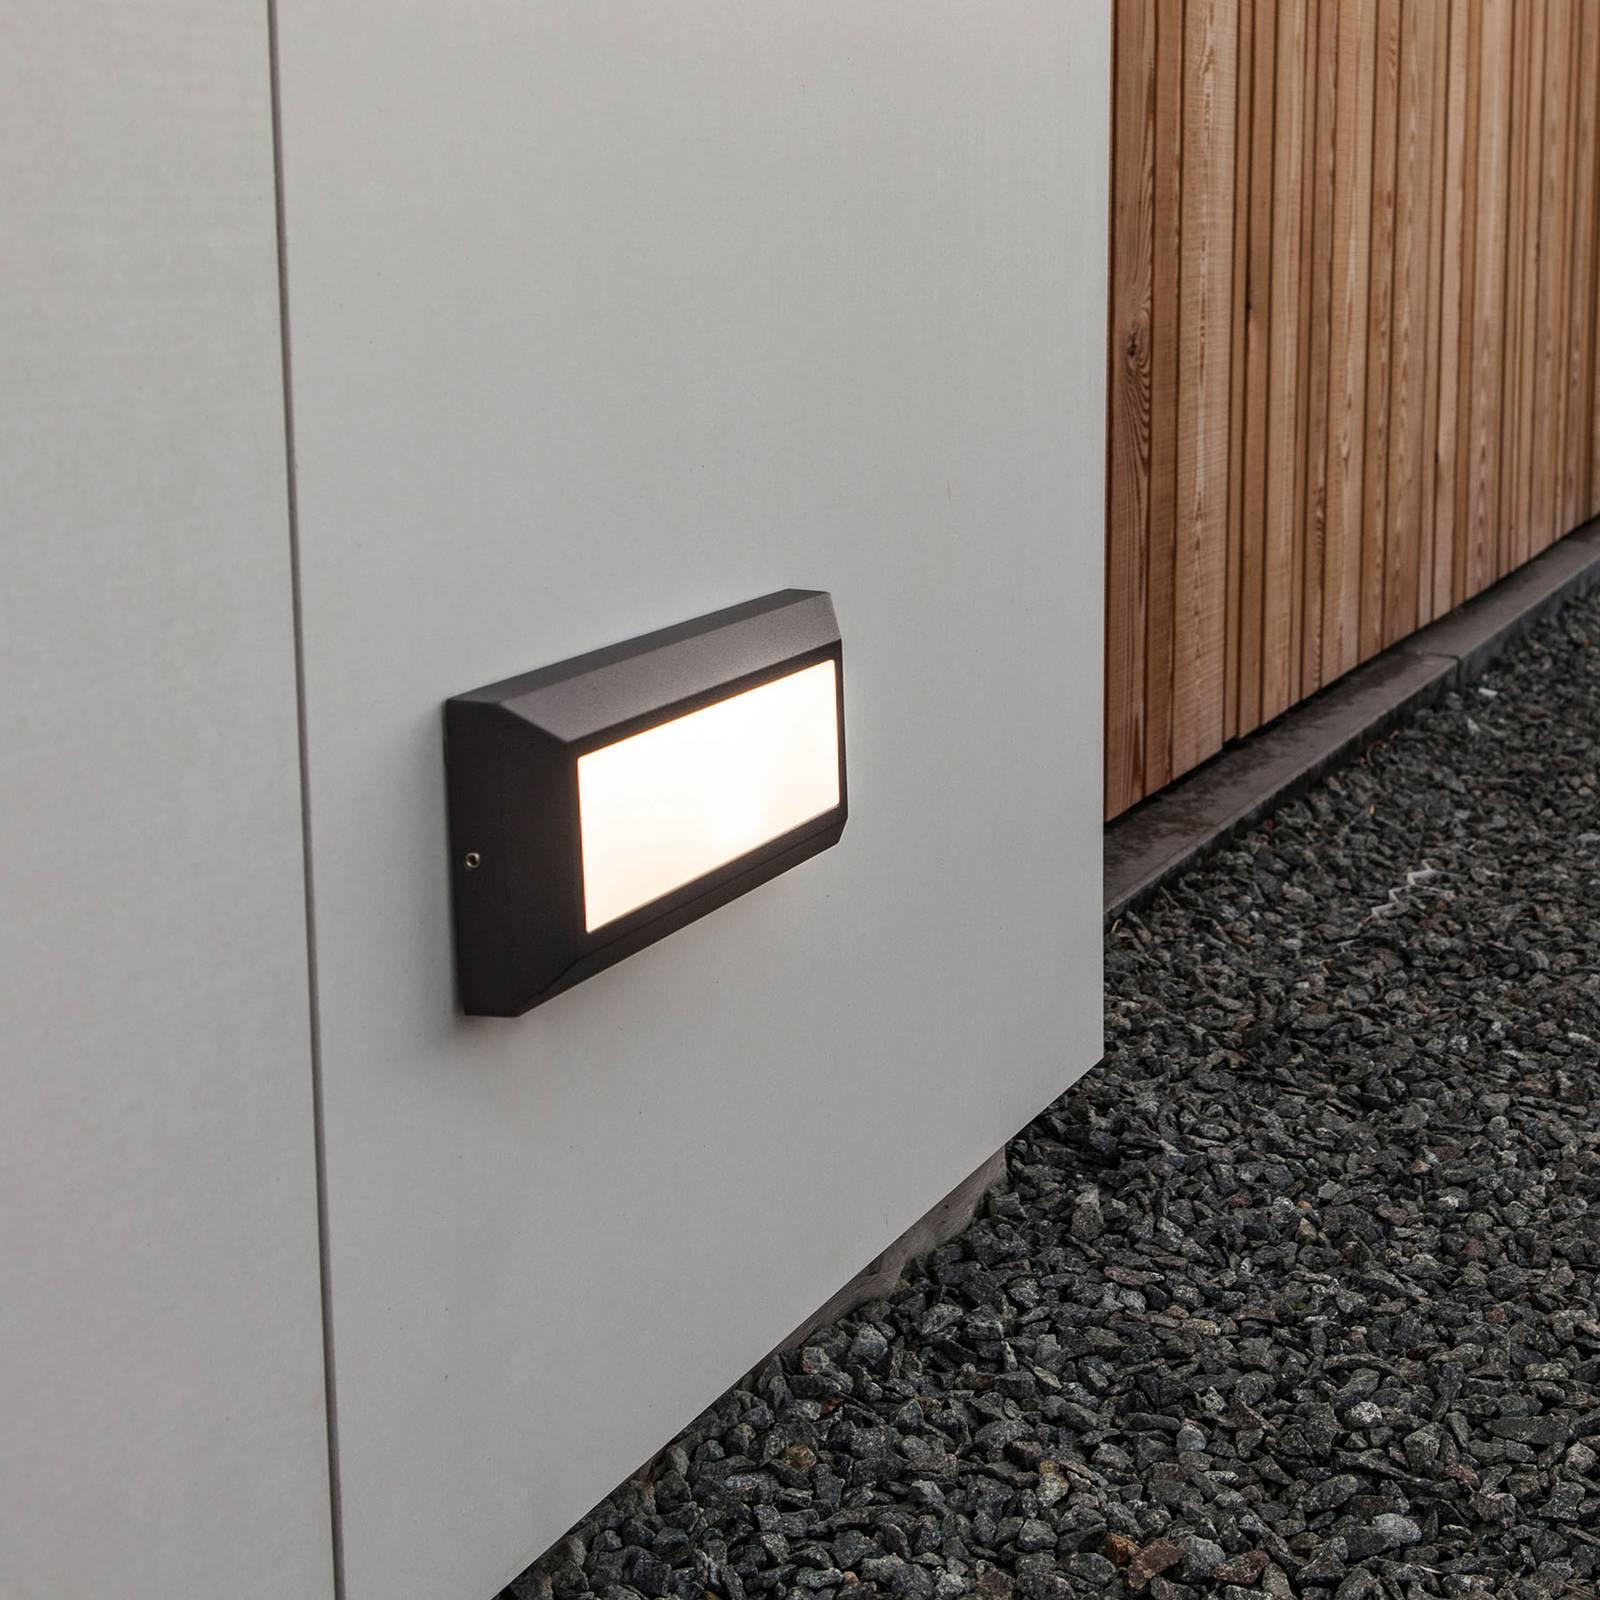 LED-ulkoseinälamppu Helena, tasomainen valaistus